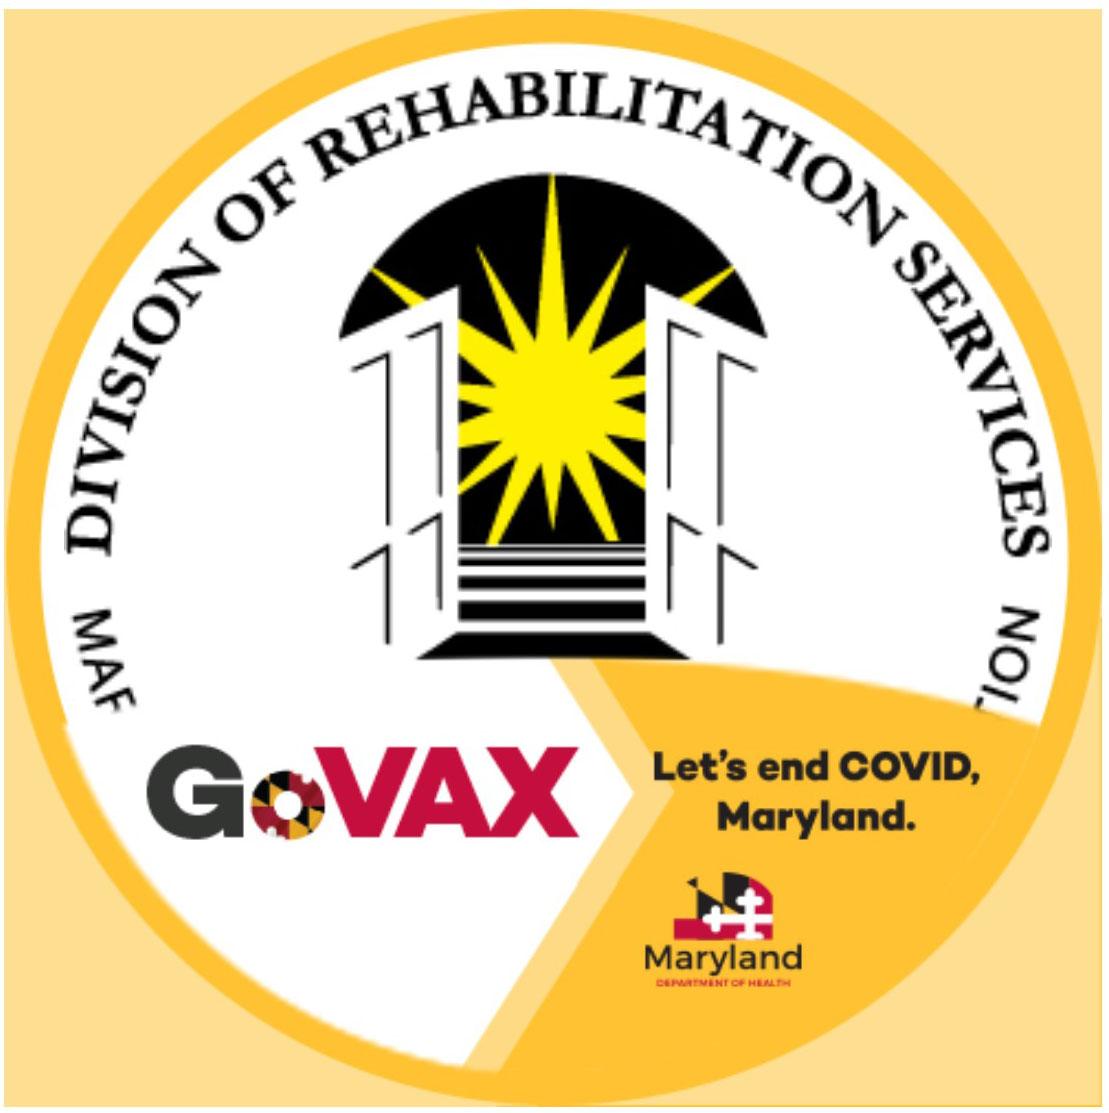 DORS Logo and the GoVAX logo.